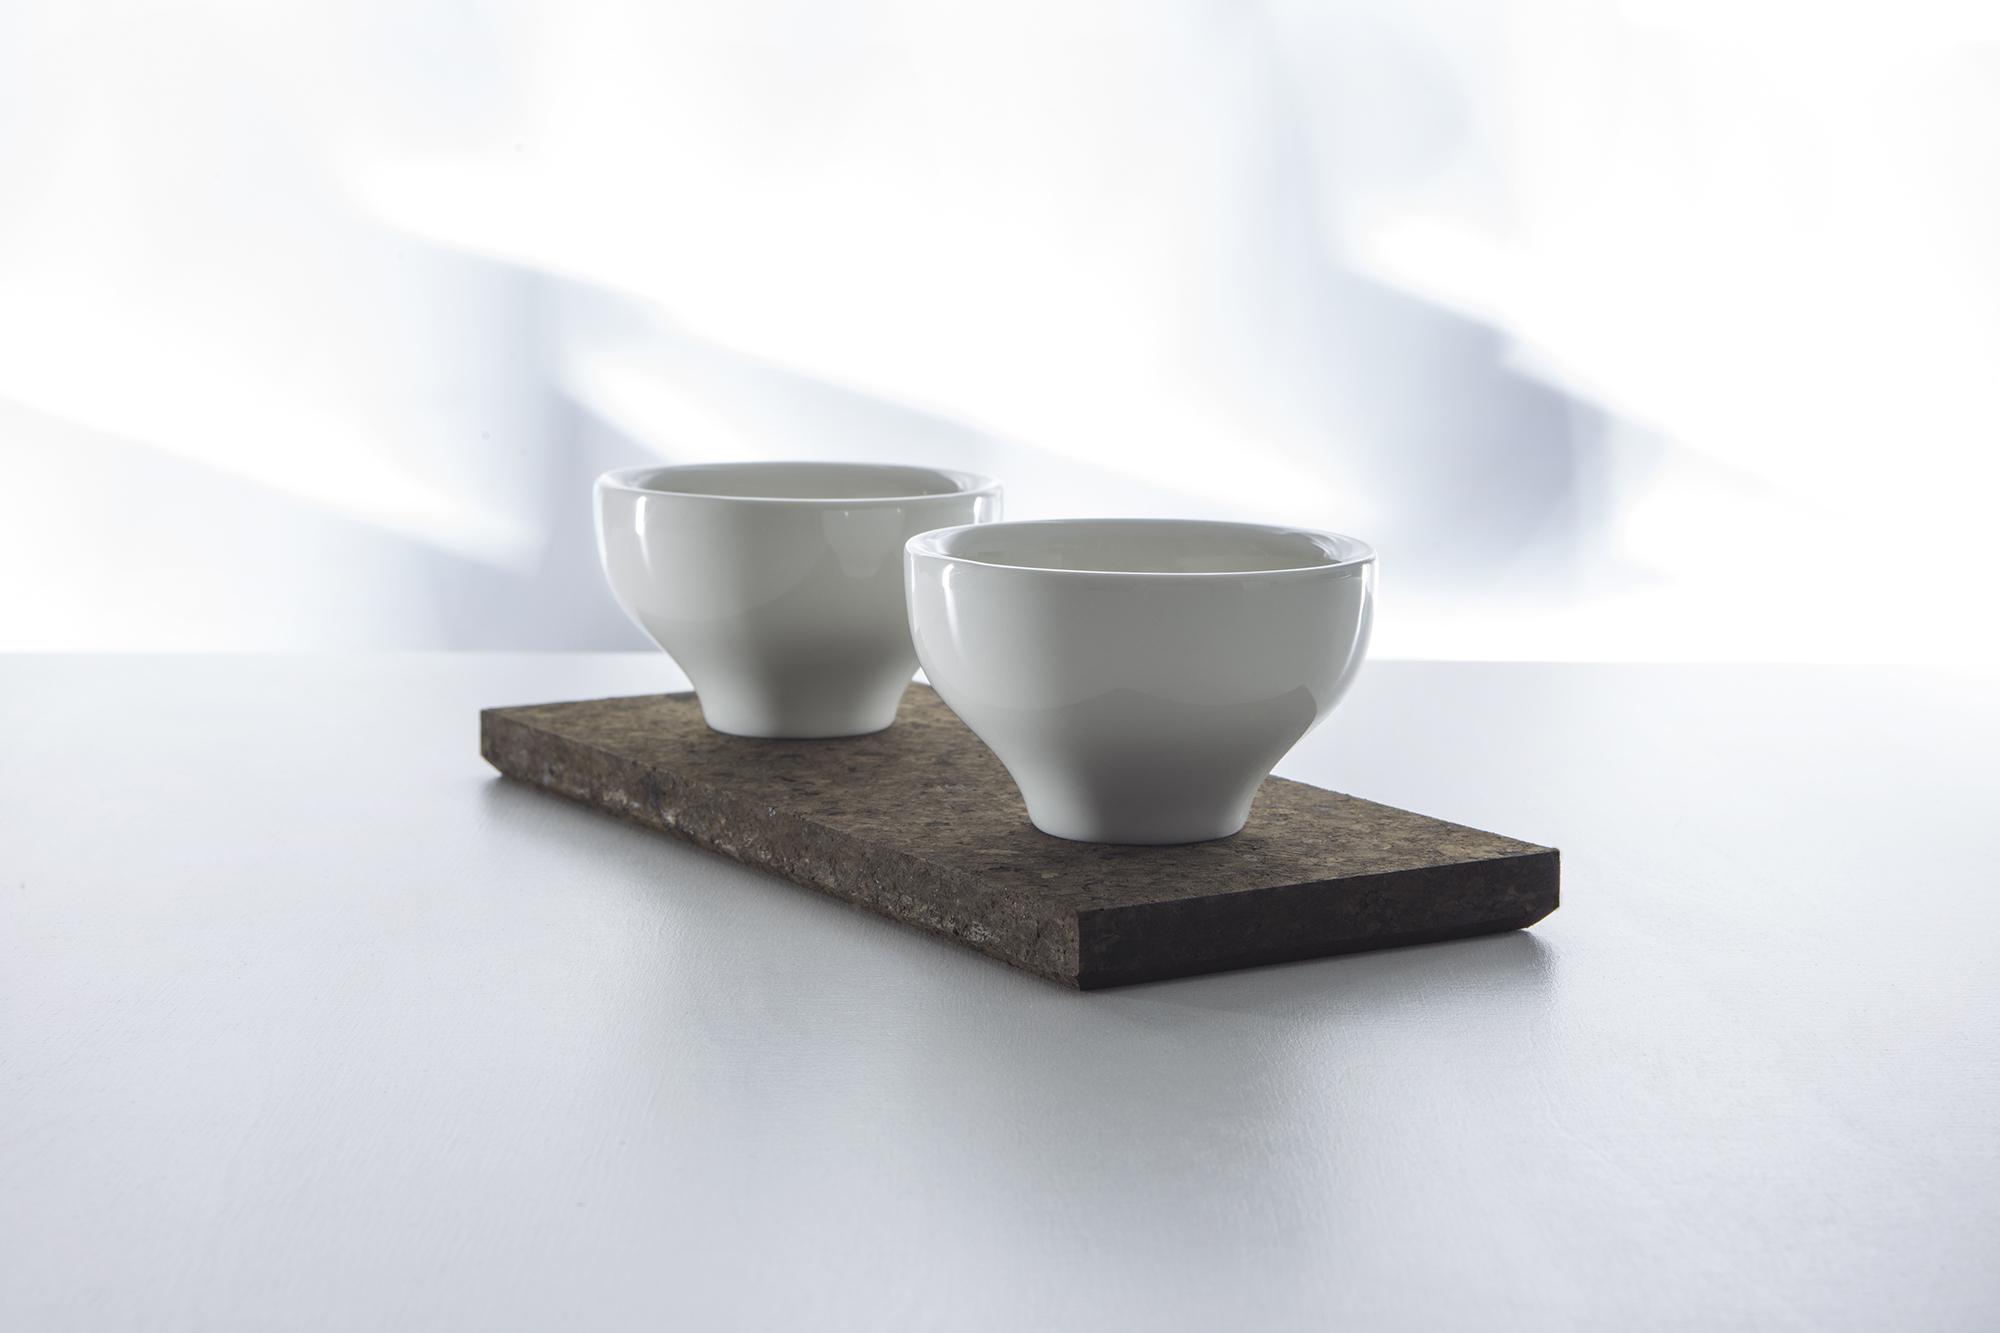 JADE_COFFEE_CUPS_MAARTEN_BAPTIST_BEANBROTHERS_0211_72